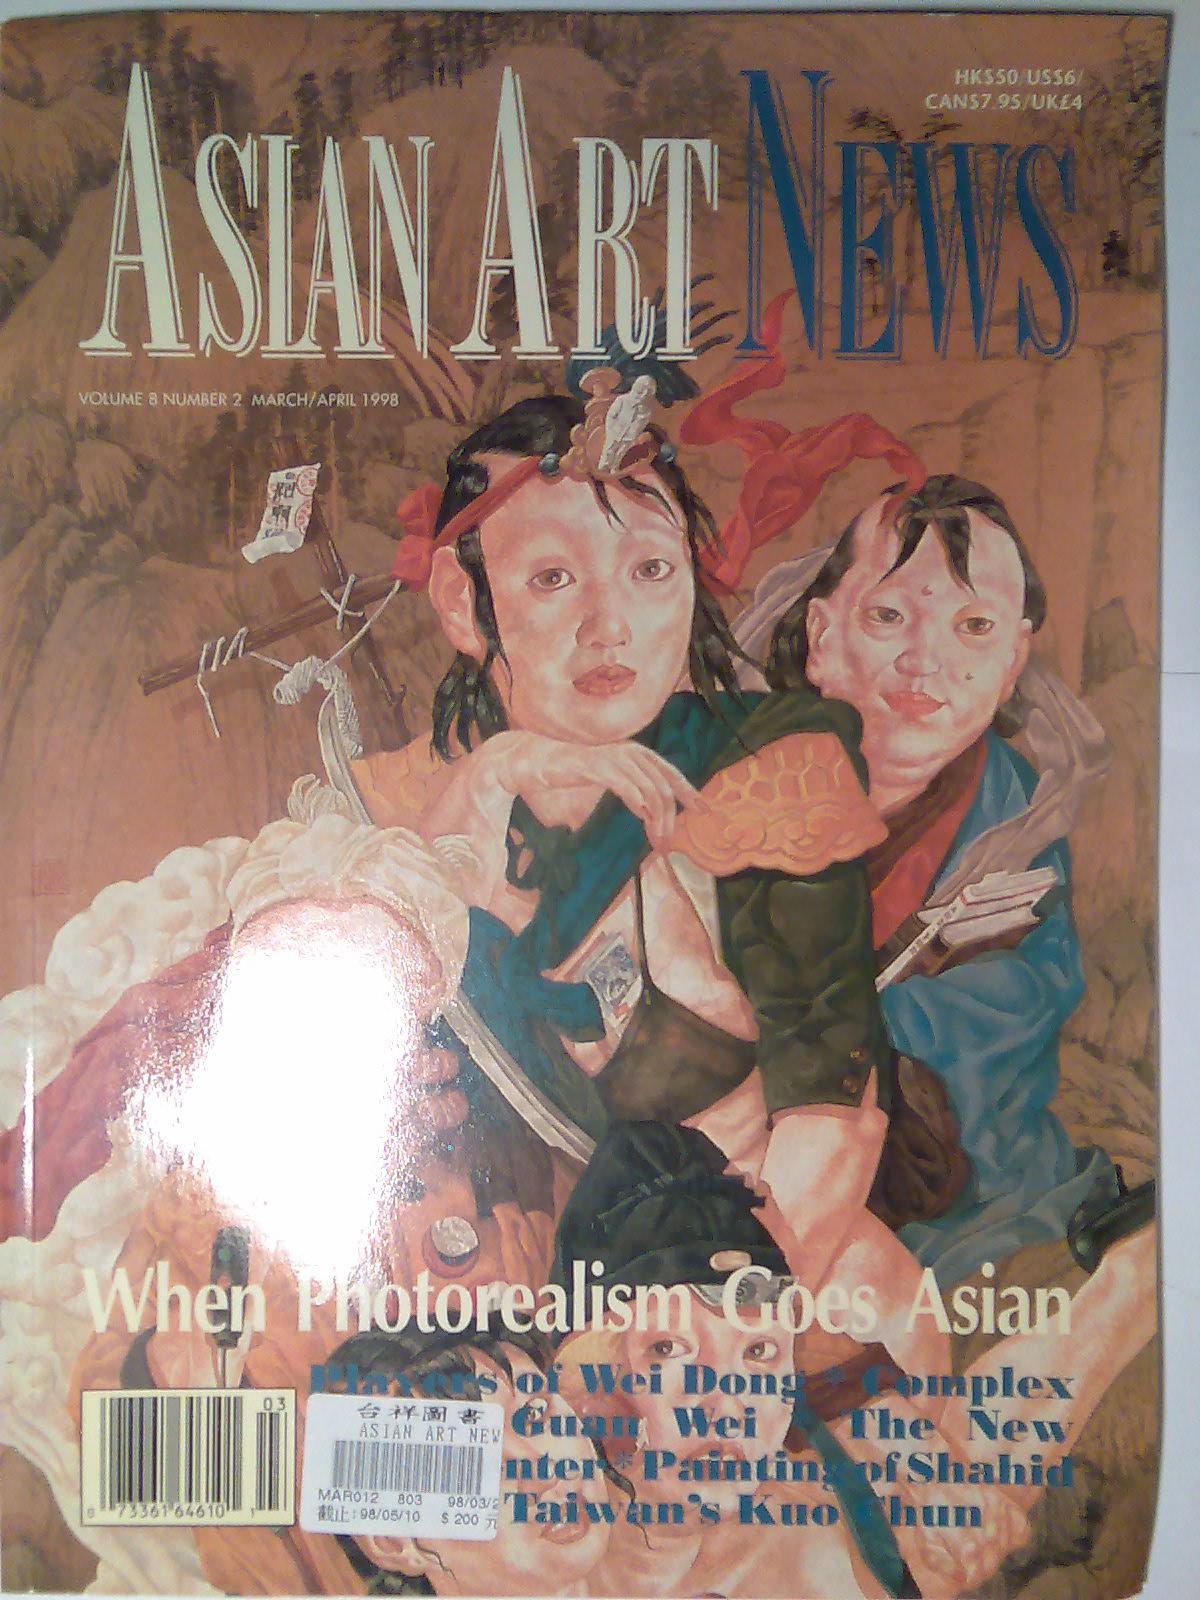 Asian Art News